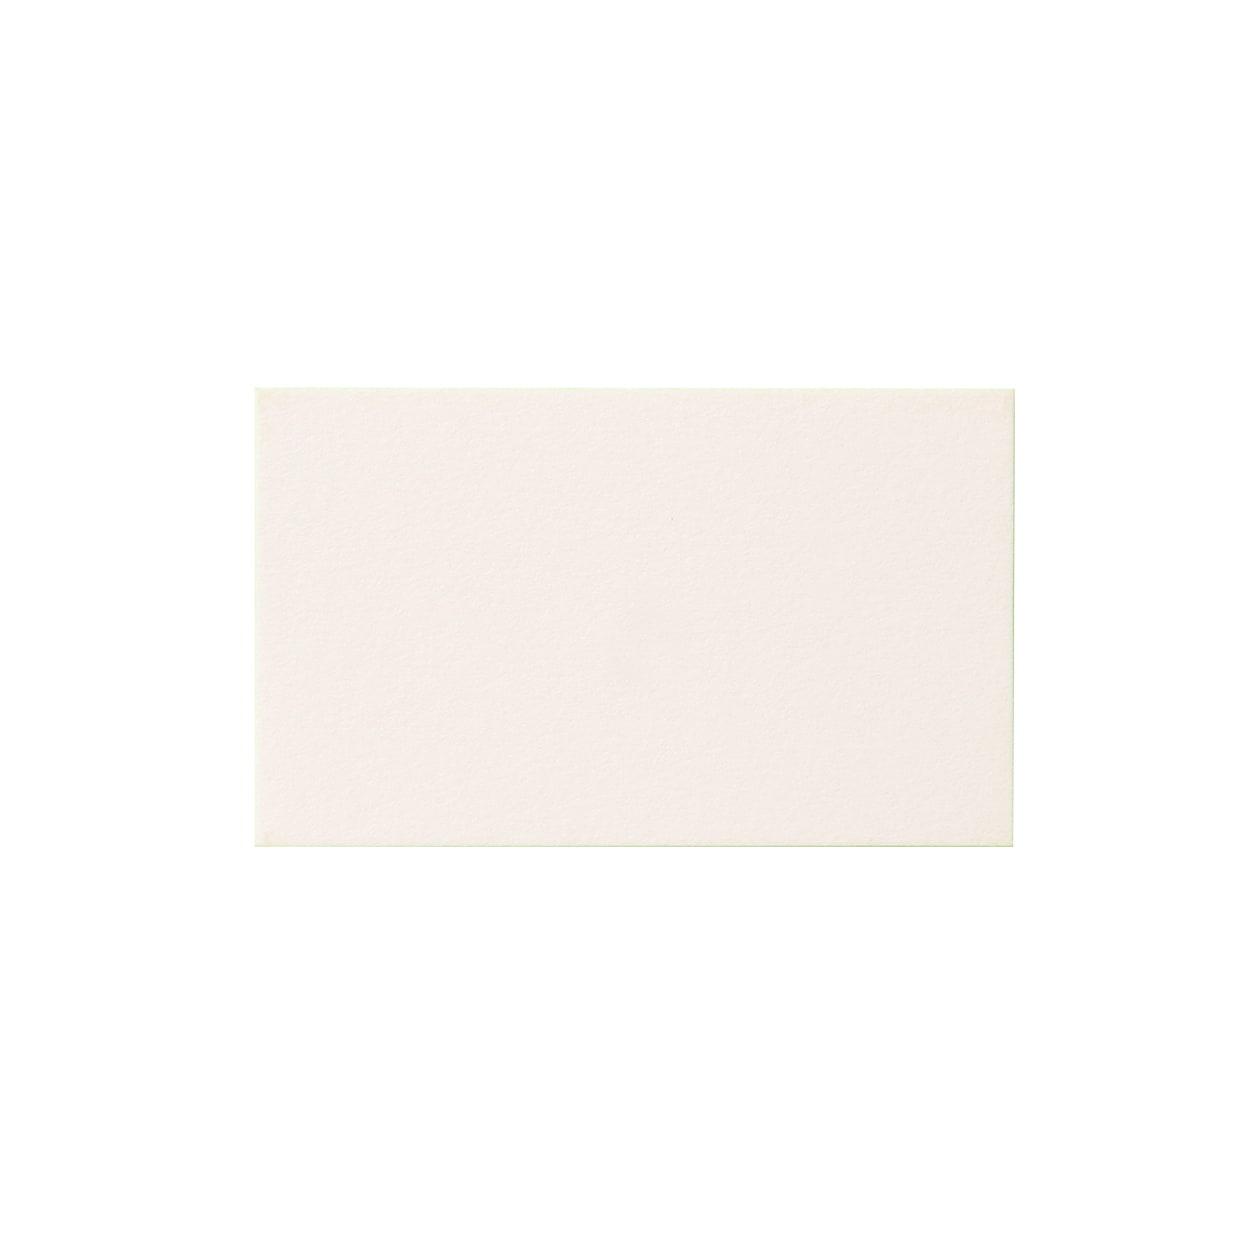 ネームカード エッジカラー 蛍光グリーン 348.8g